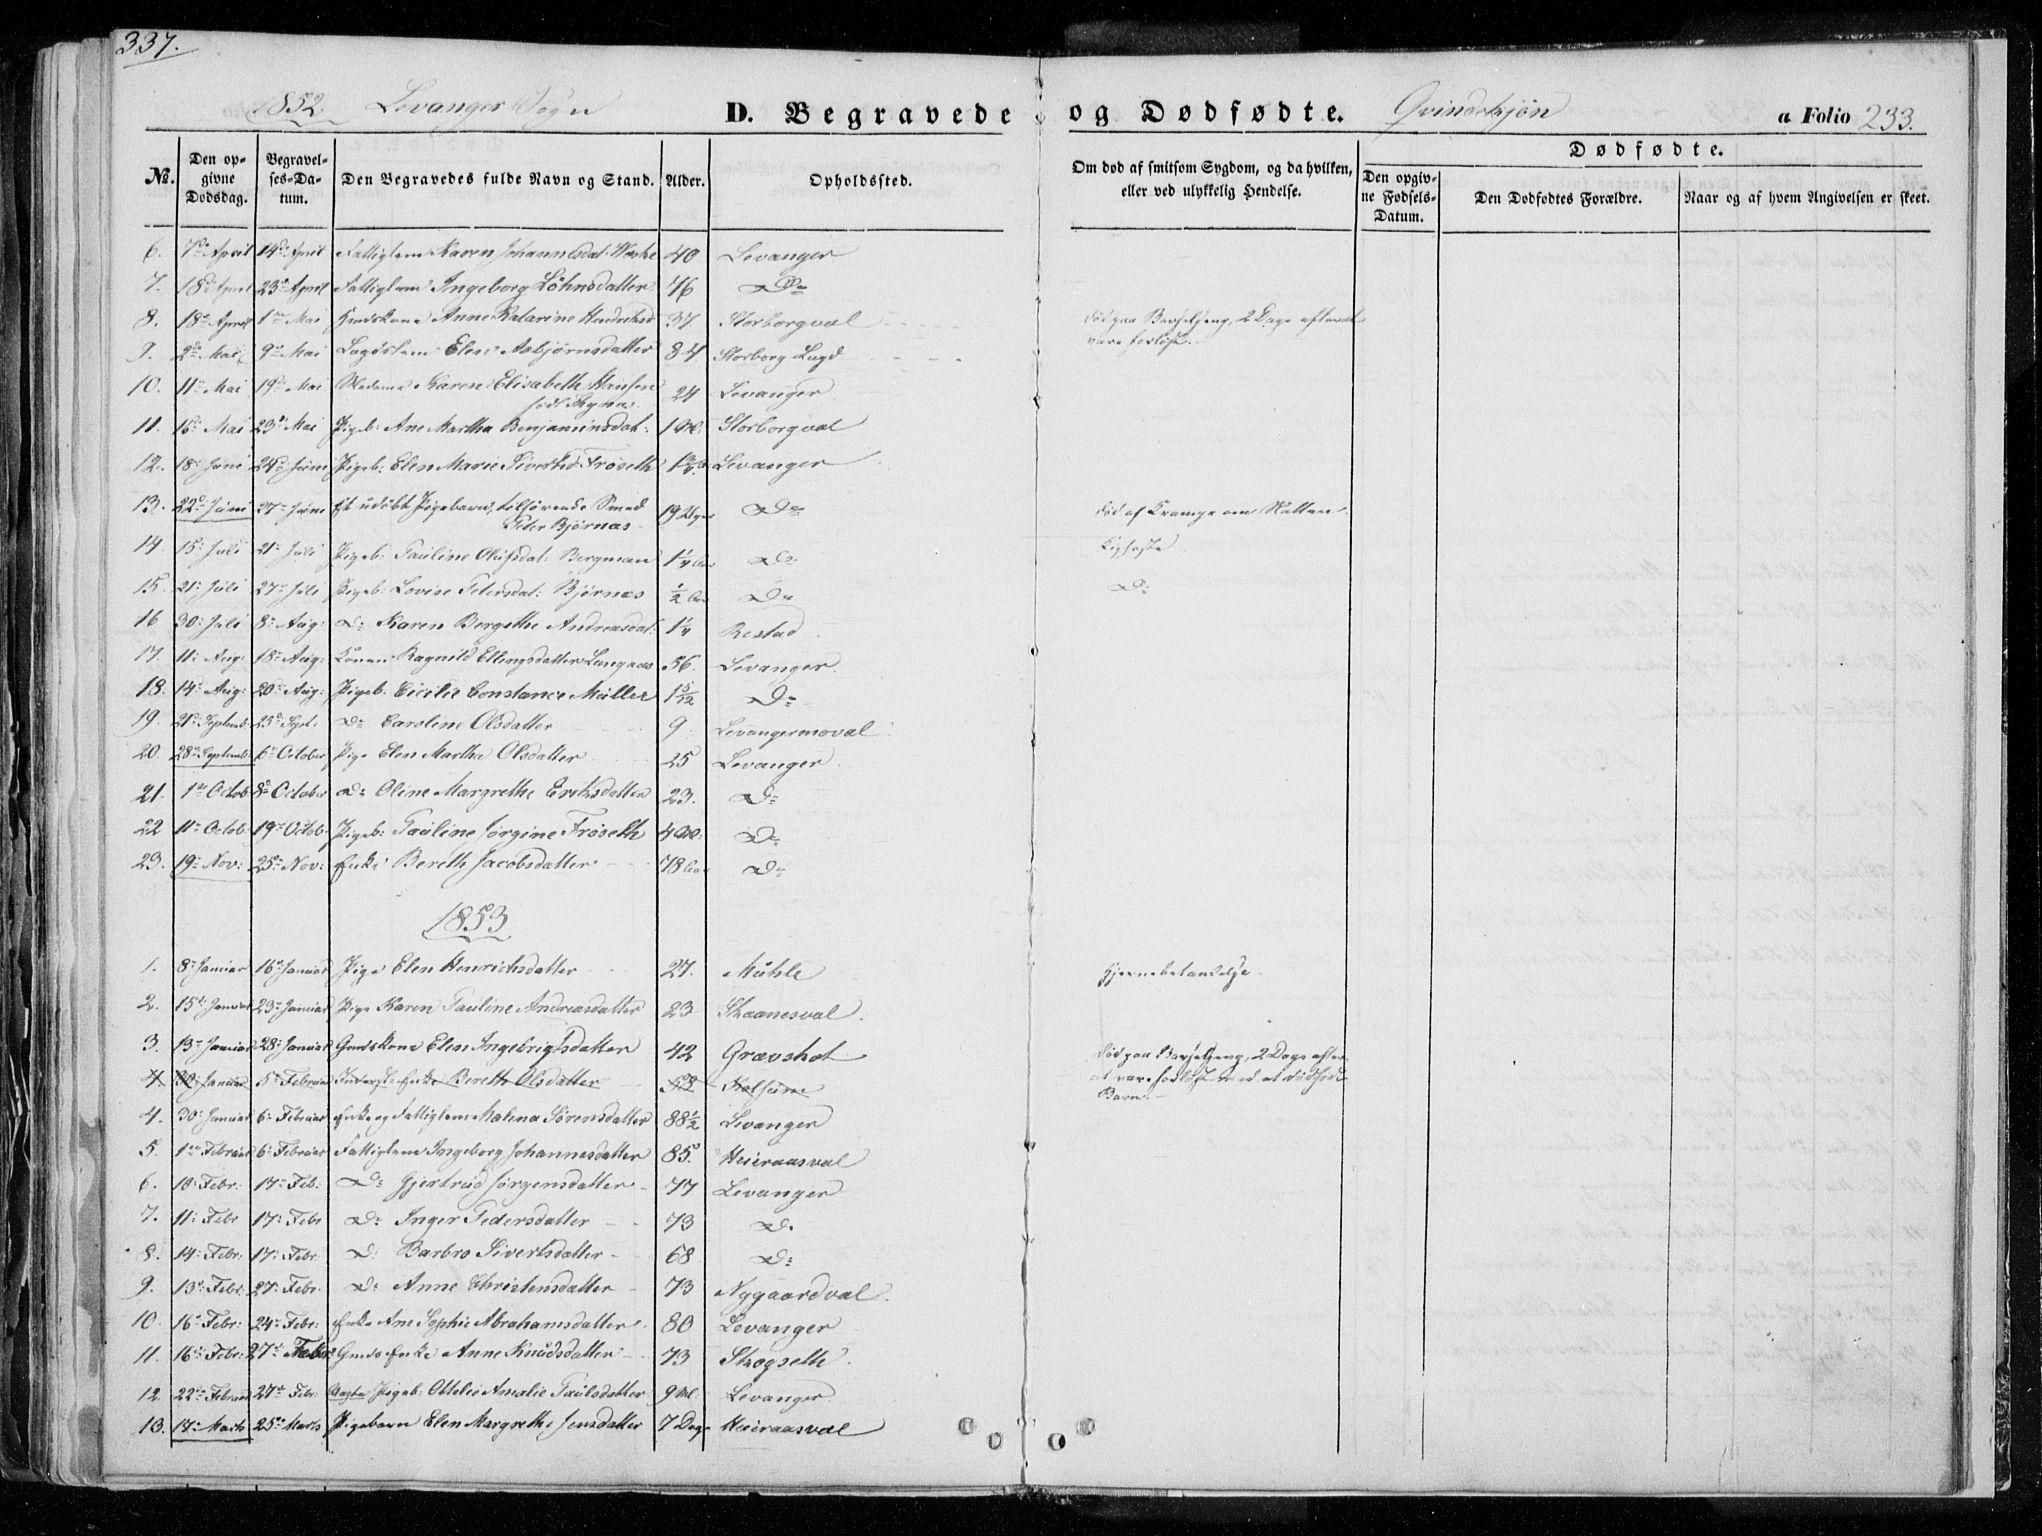 SAT, Ministerialprotokoller, klokkerbøker og fødselsregistre - Nord-Trøndelag, 720/L0183: Ministerialbok nr. 720A01, 1836-1855, s. 233